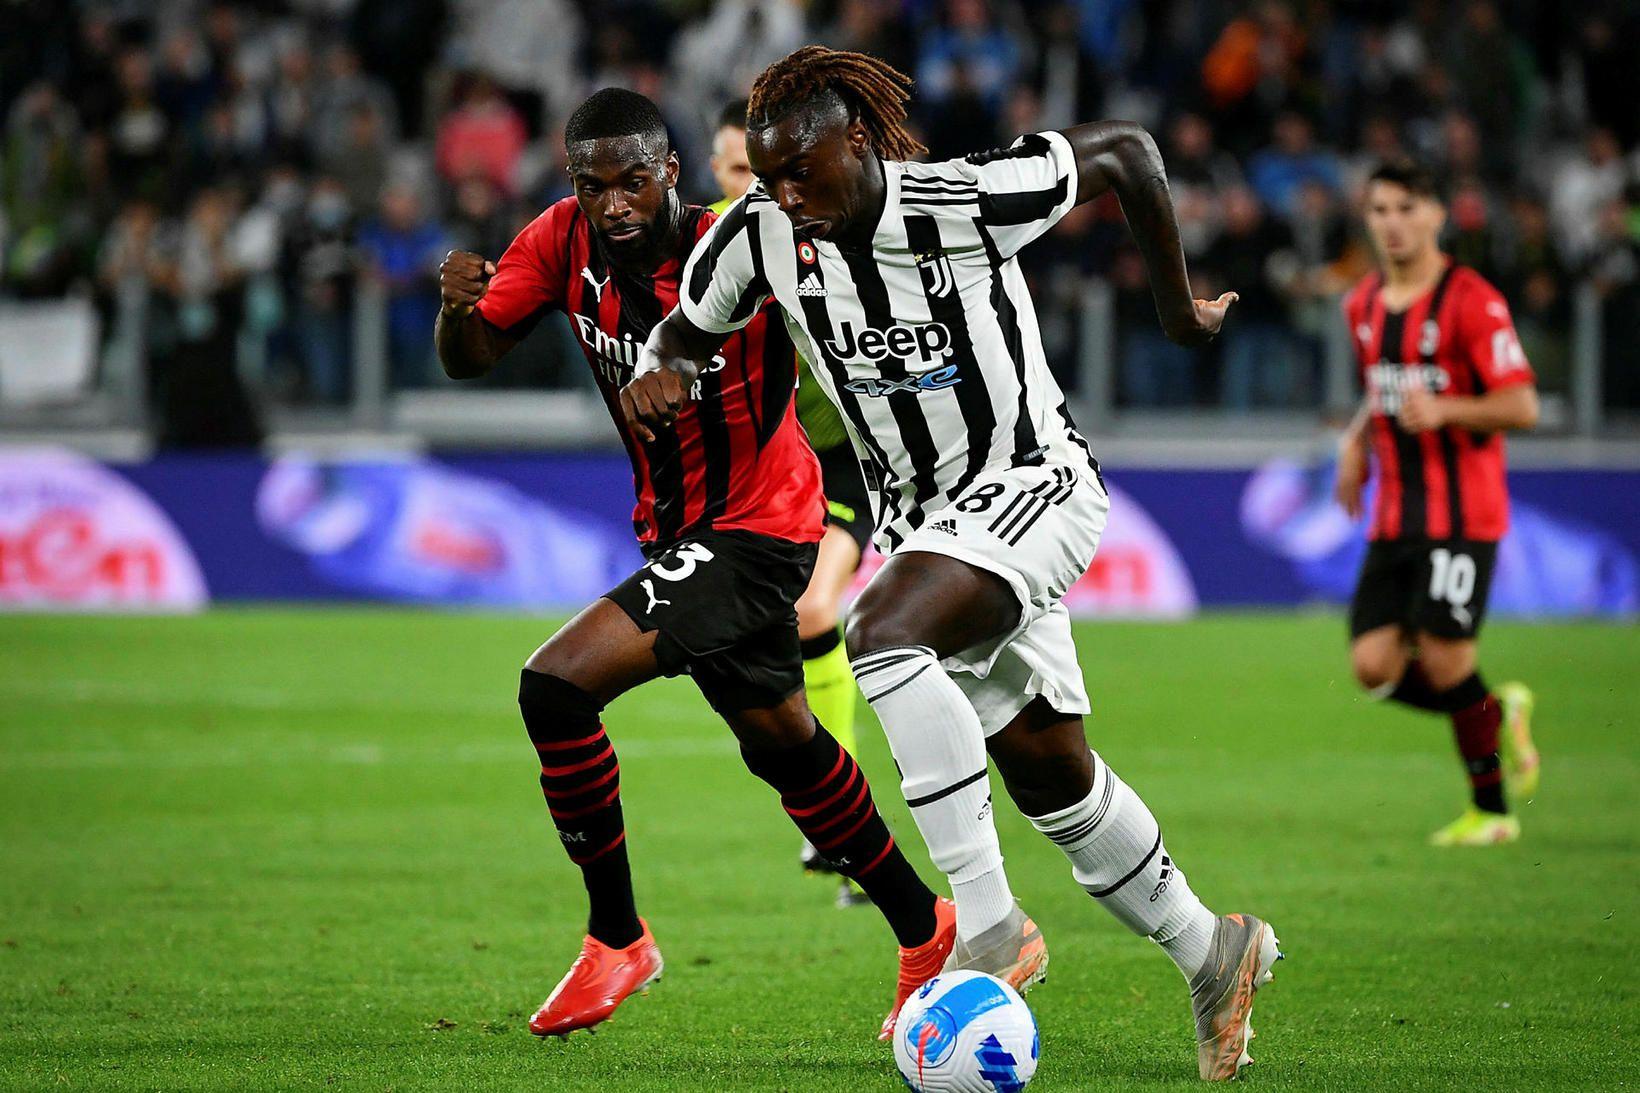 Fikayo Tomori hjá AC Milan og Moise Kean, leikmaður Juventus, …